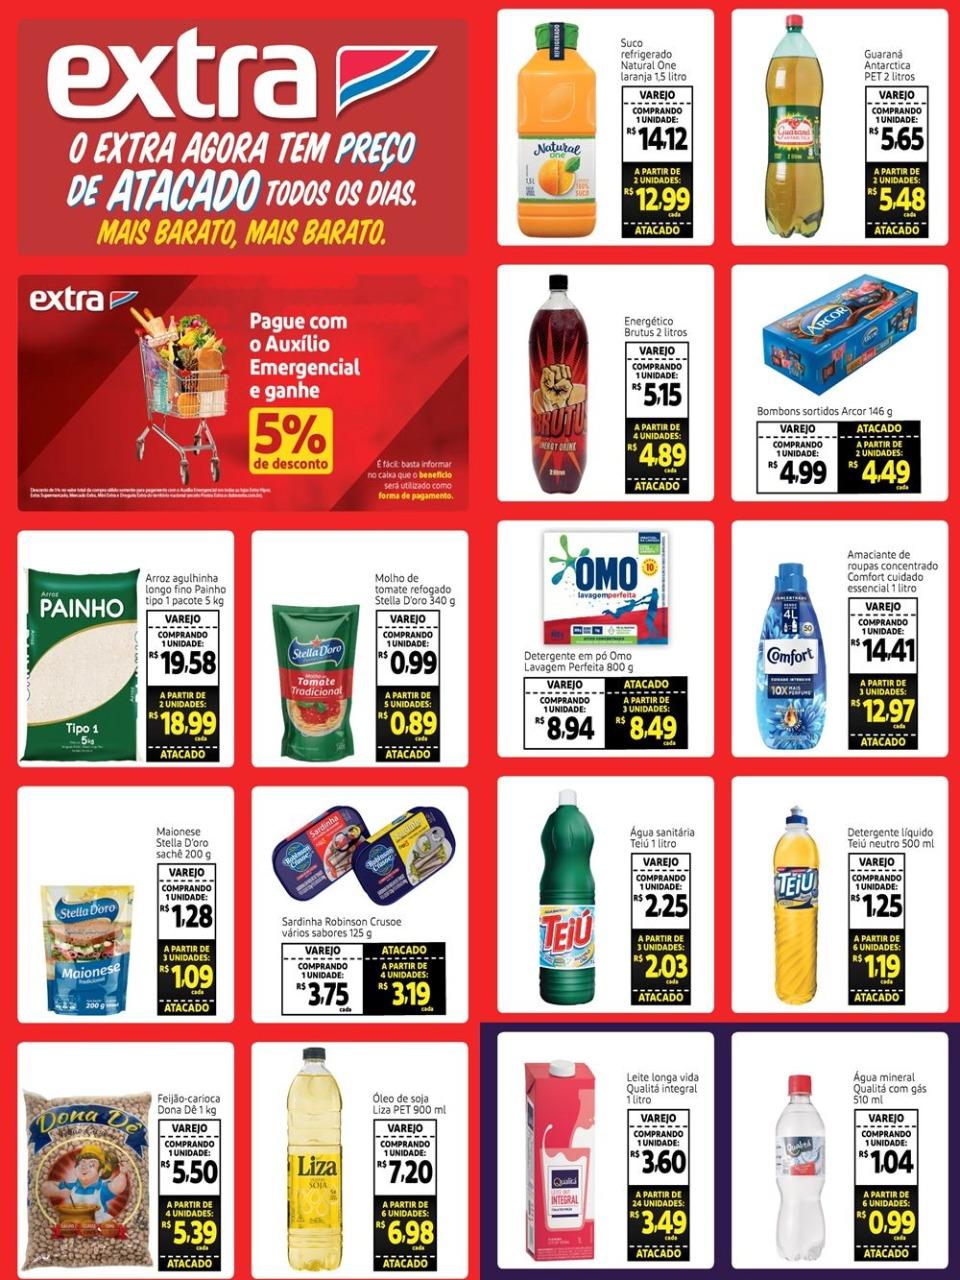 WhatsApp-Image-2021-06-11-at-11.17.23 Final de Semana Extra Hiper Preço de Atacado ofertas hoje até 13/06